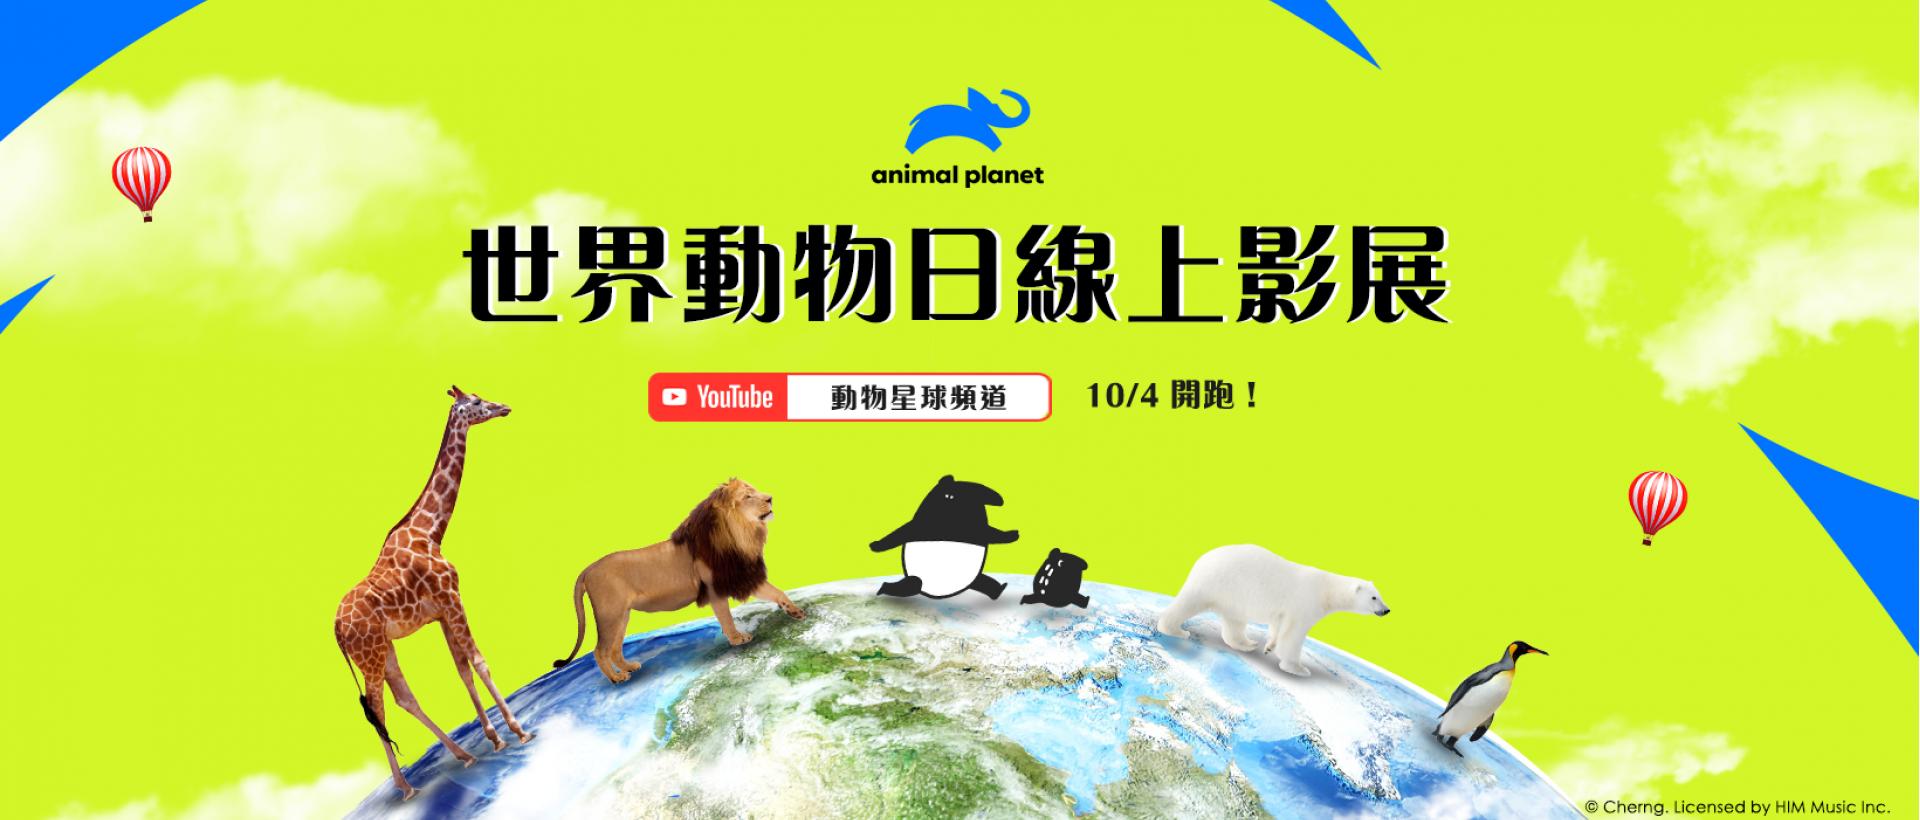 世界動物日線上影展